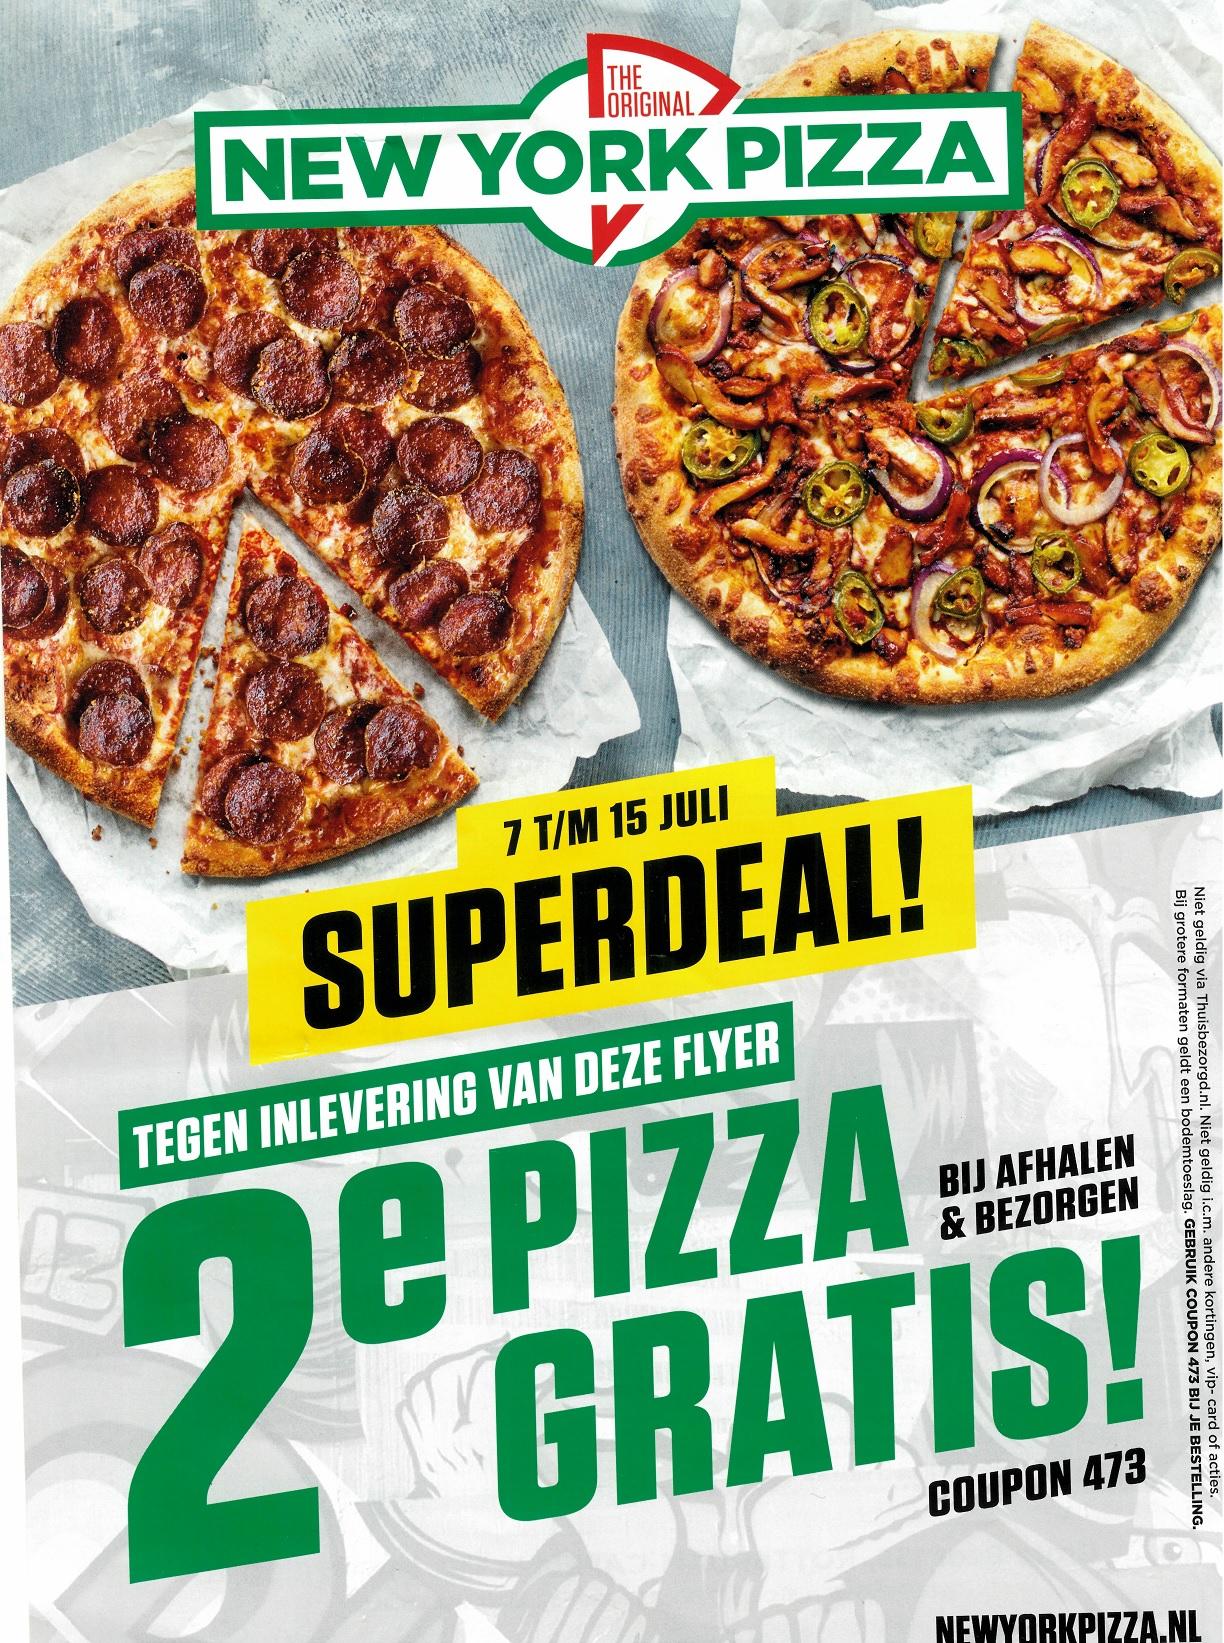 Tweede pizza gratis bij afhalen én bezorgen